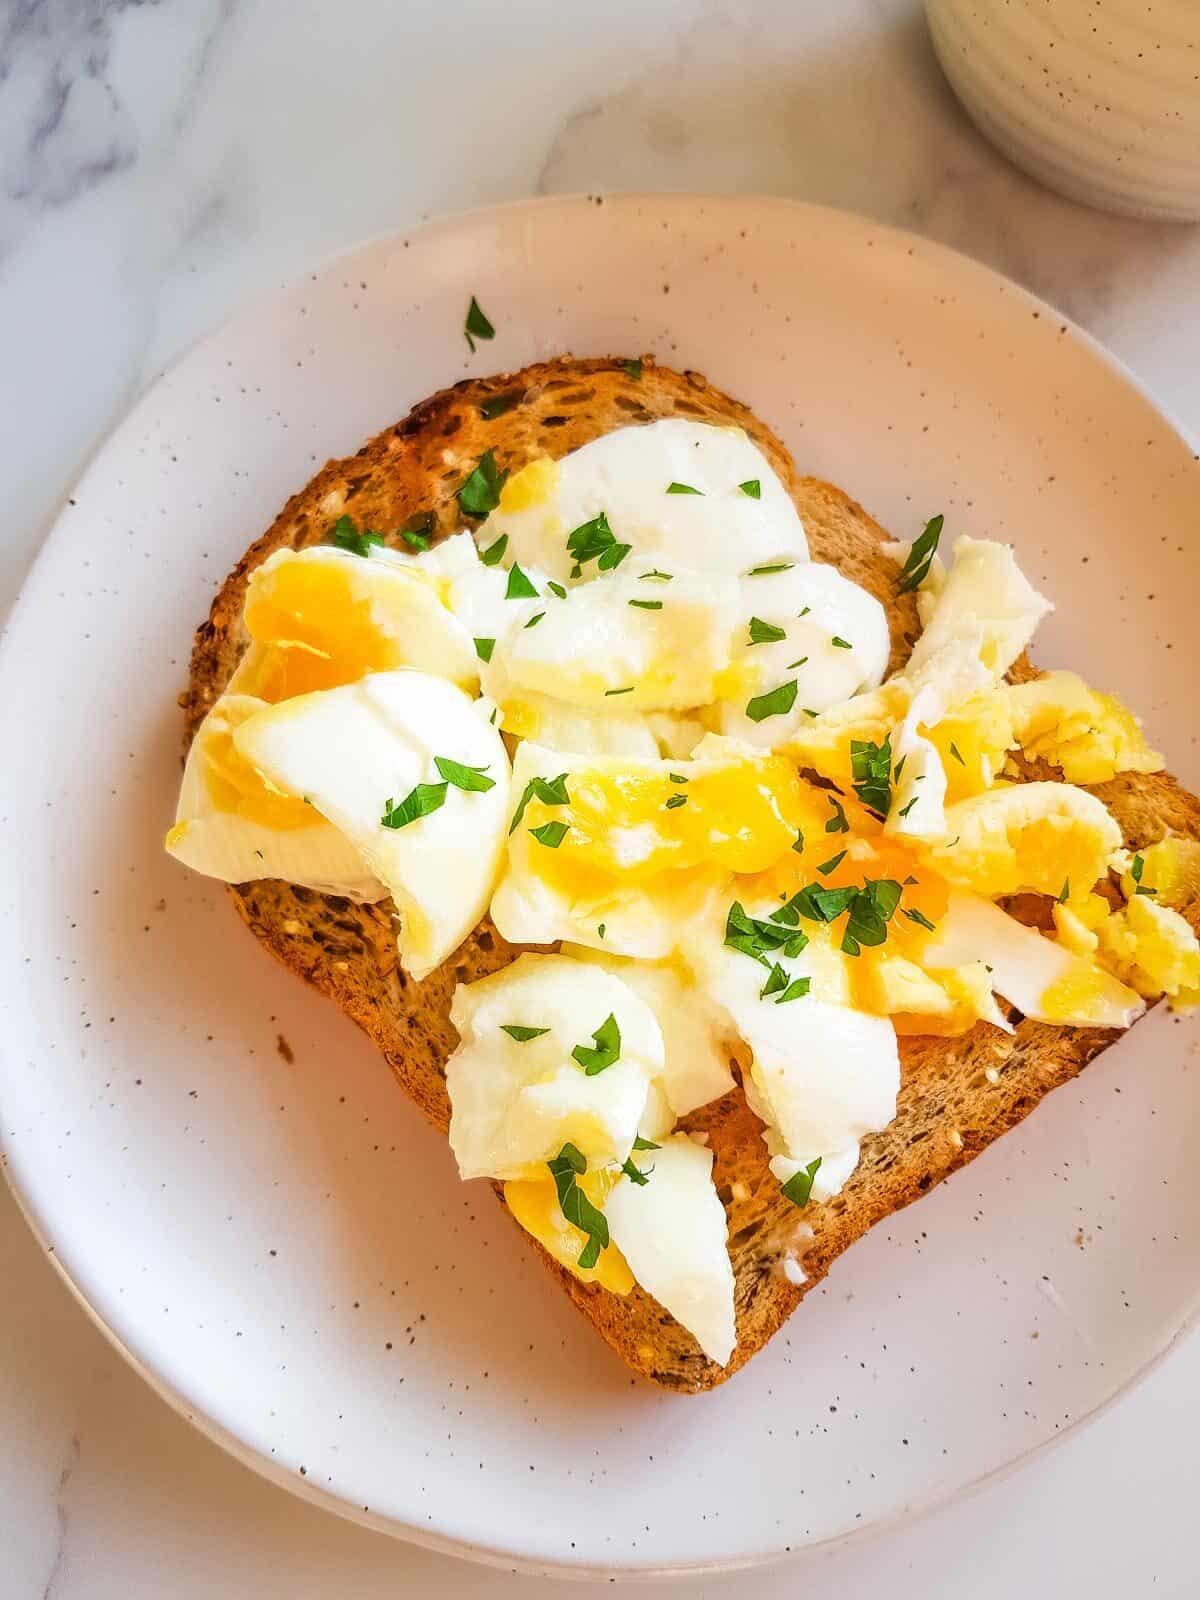 Smashed egg on toast with parsley.